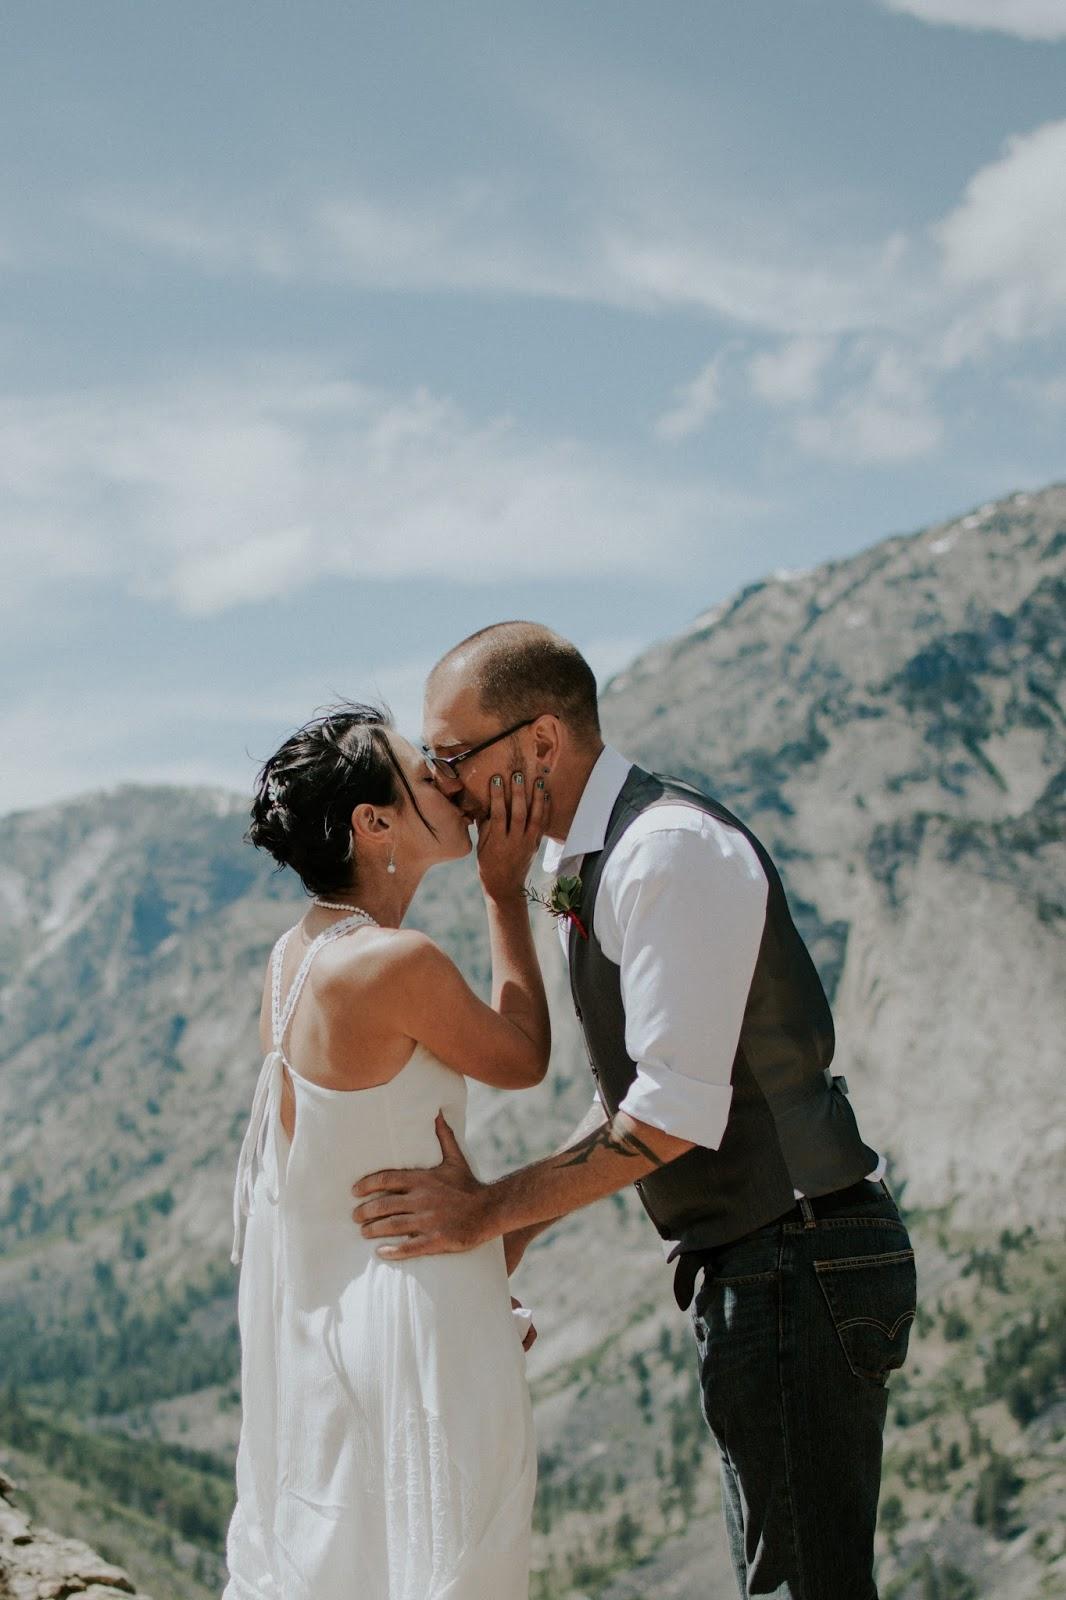 Montana Wedding Blog by Montana Bride: {Montana Bride Featured ...